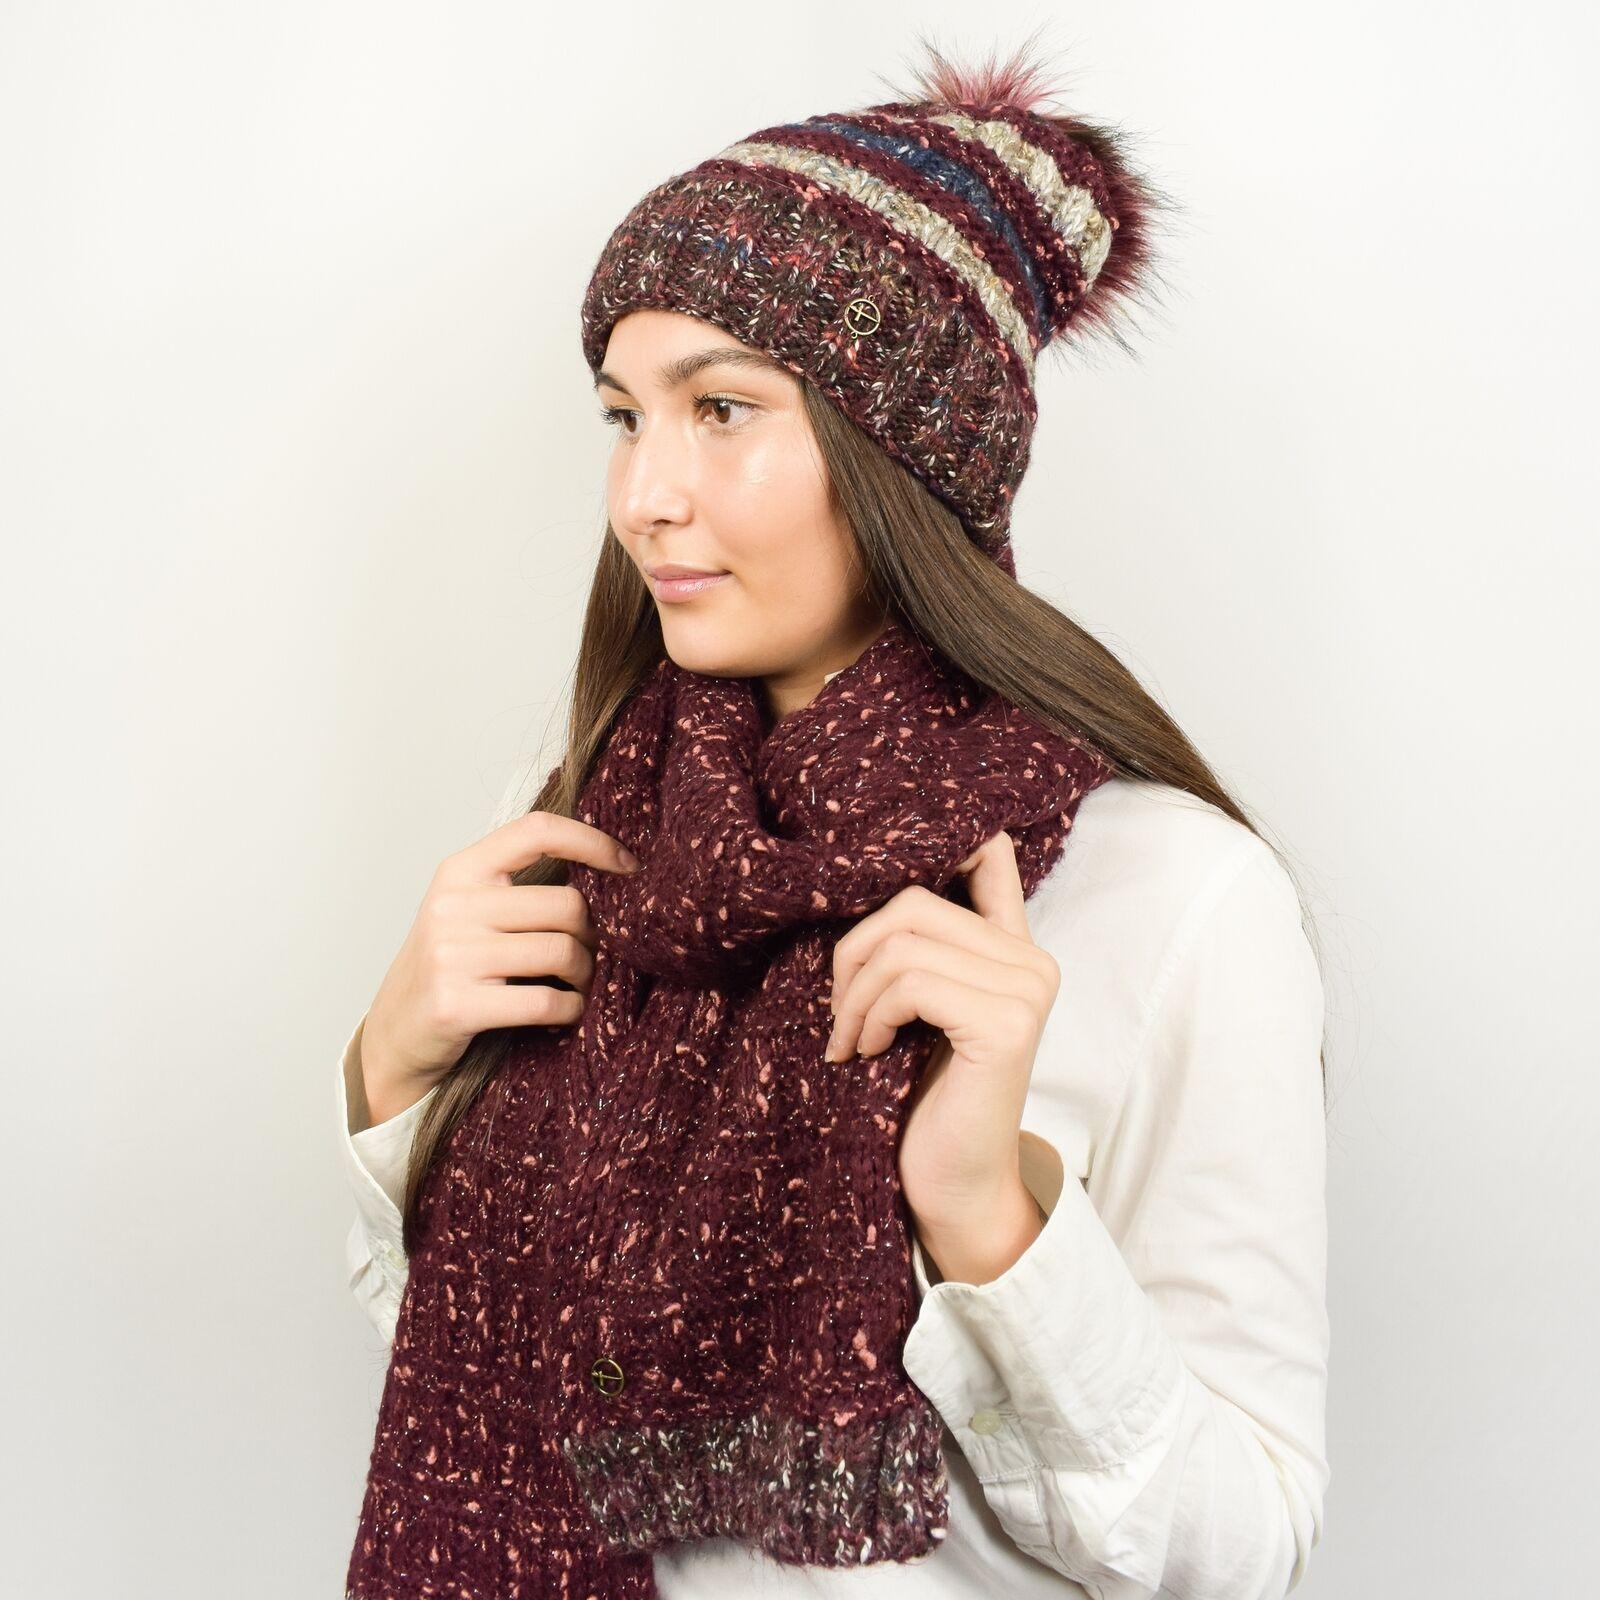 Tamaris Mujer Set de Invierno - Mohair-Lurex Juego Borla & Bufanda - Ideas